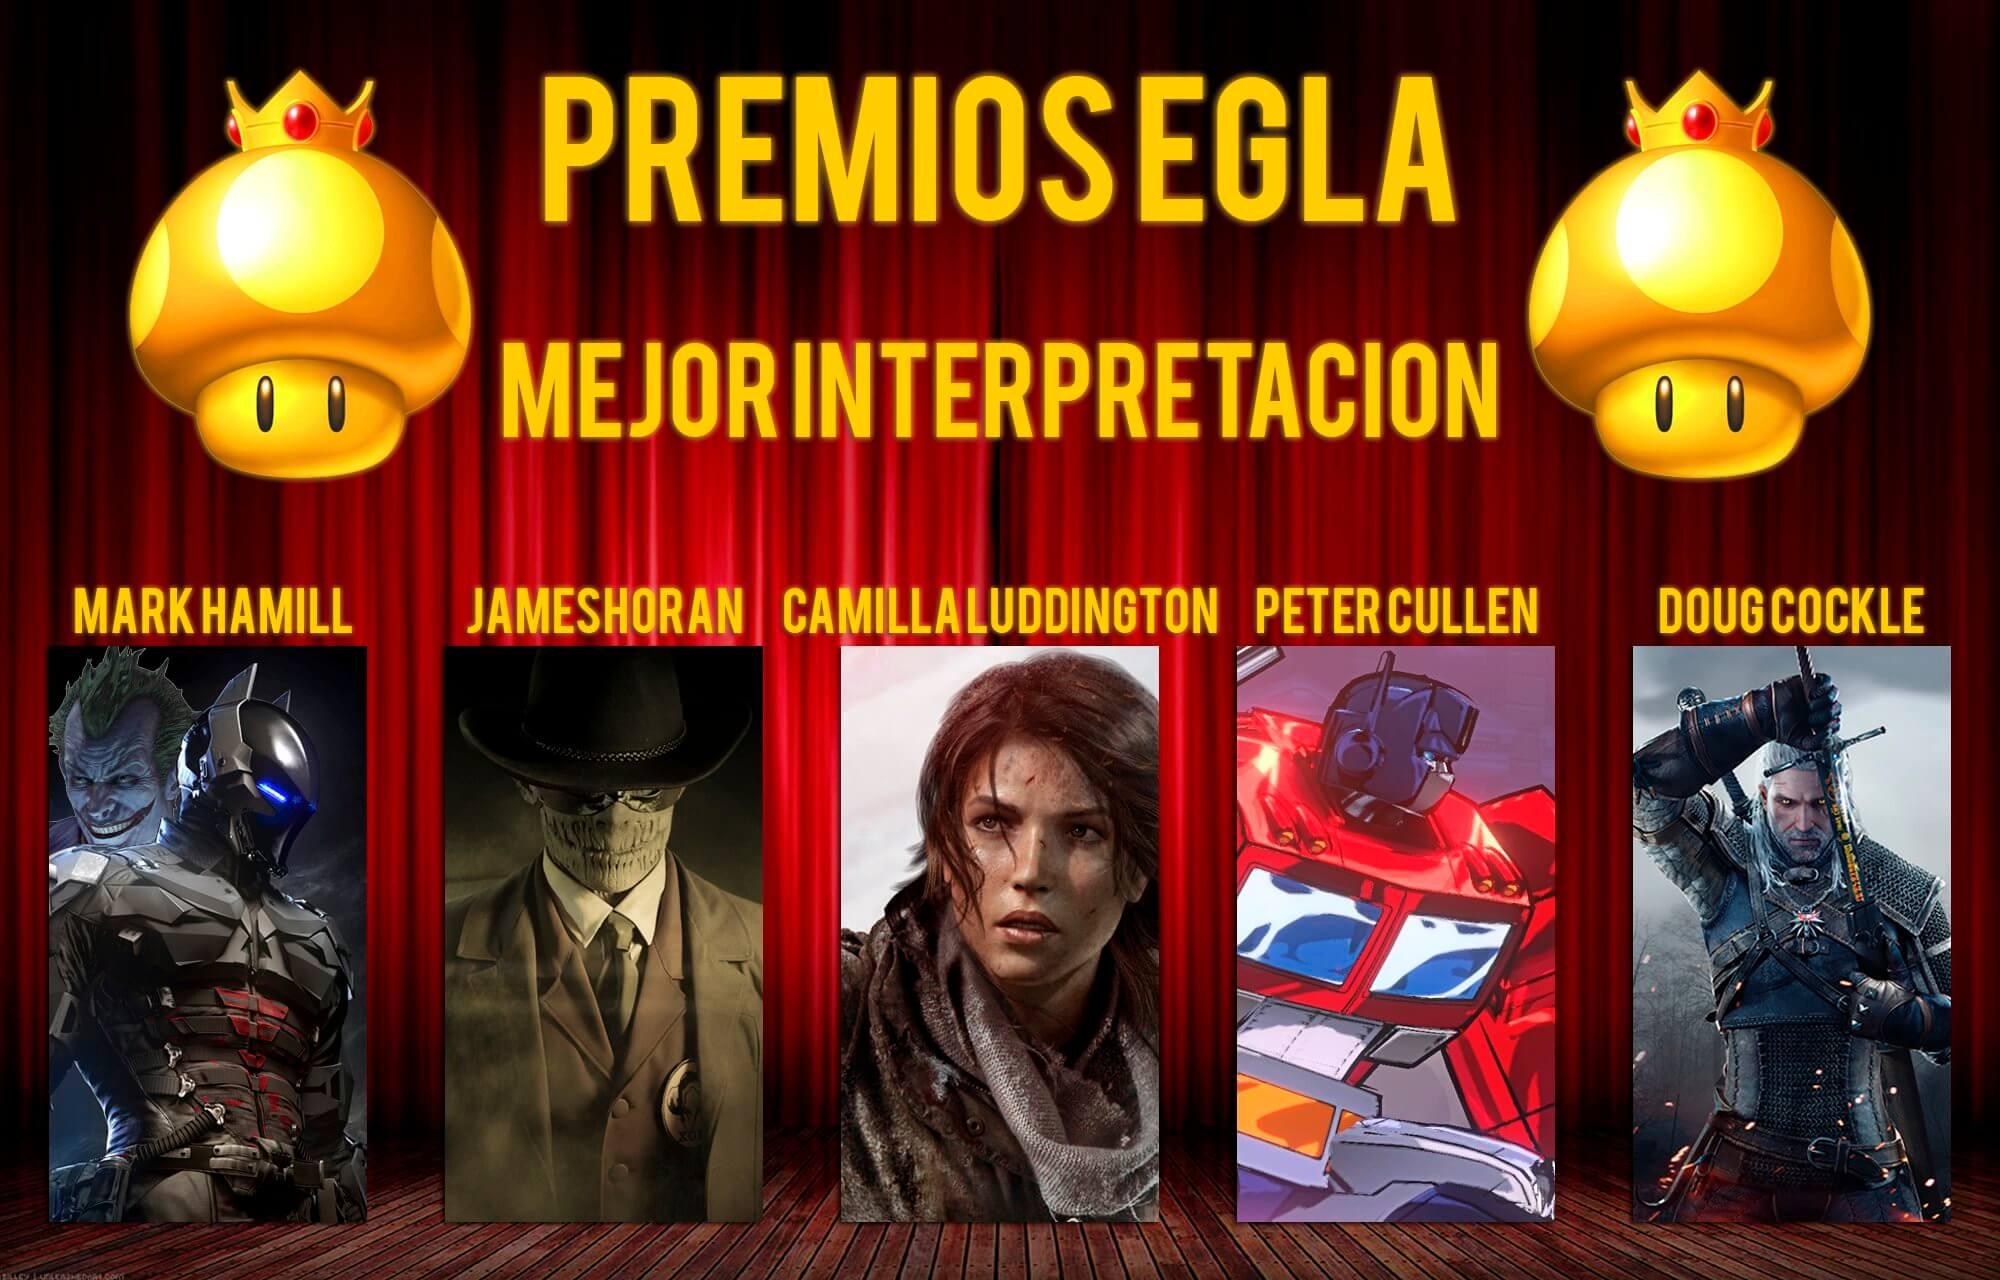 Premios EGLA 2015 Mejor interpretación por un actor o una actriz